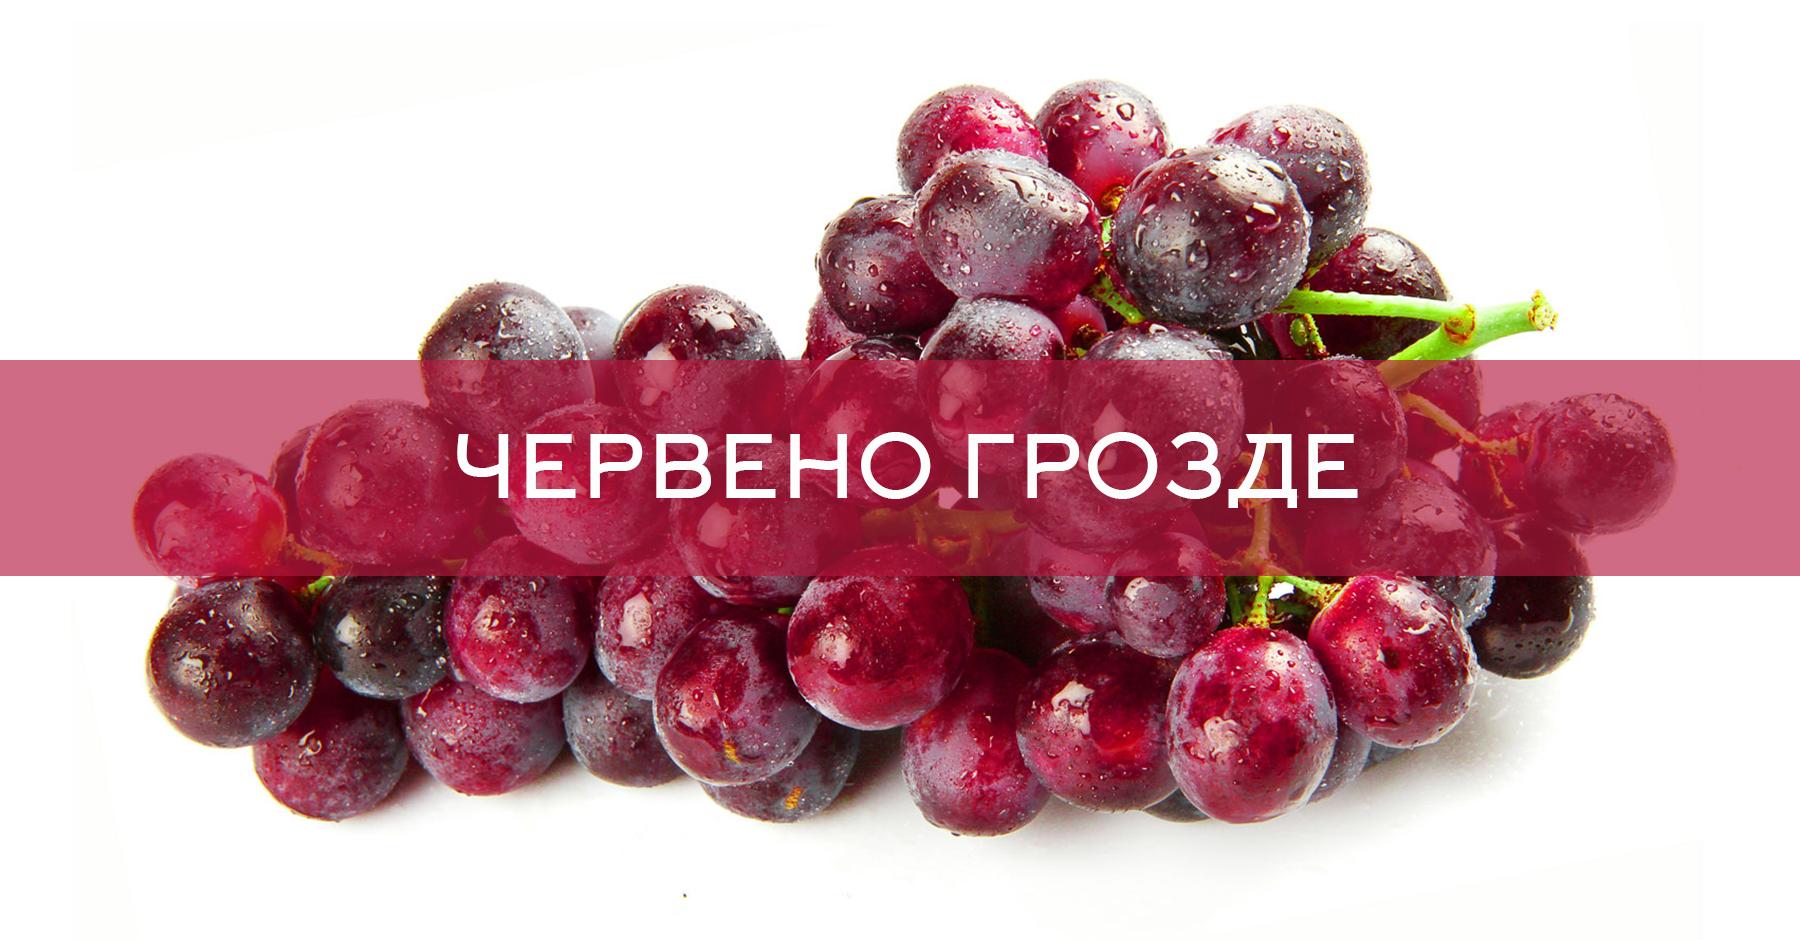 8 храни, за които панкреасът ще ви благодари